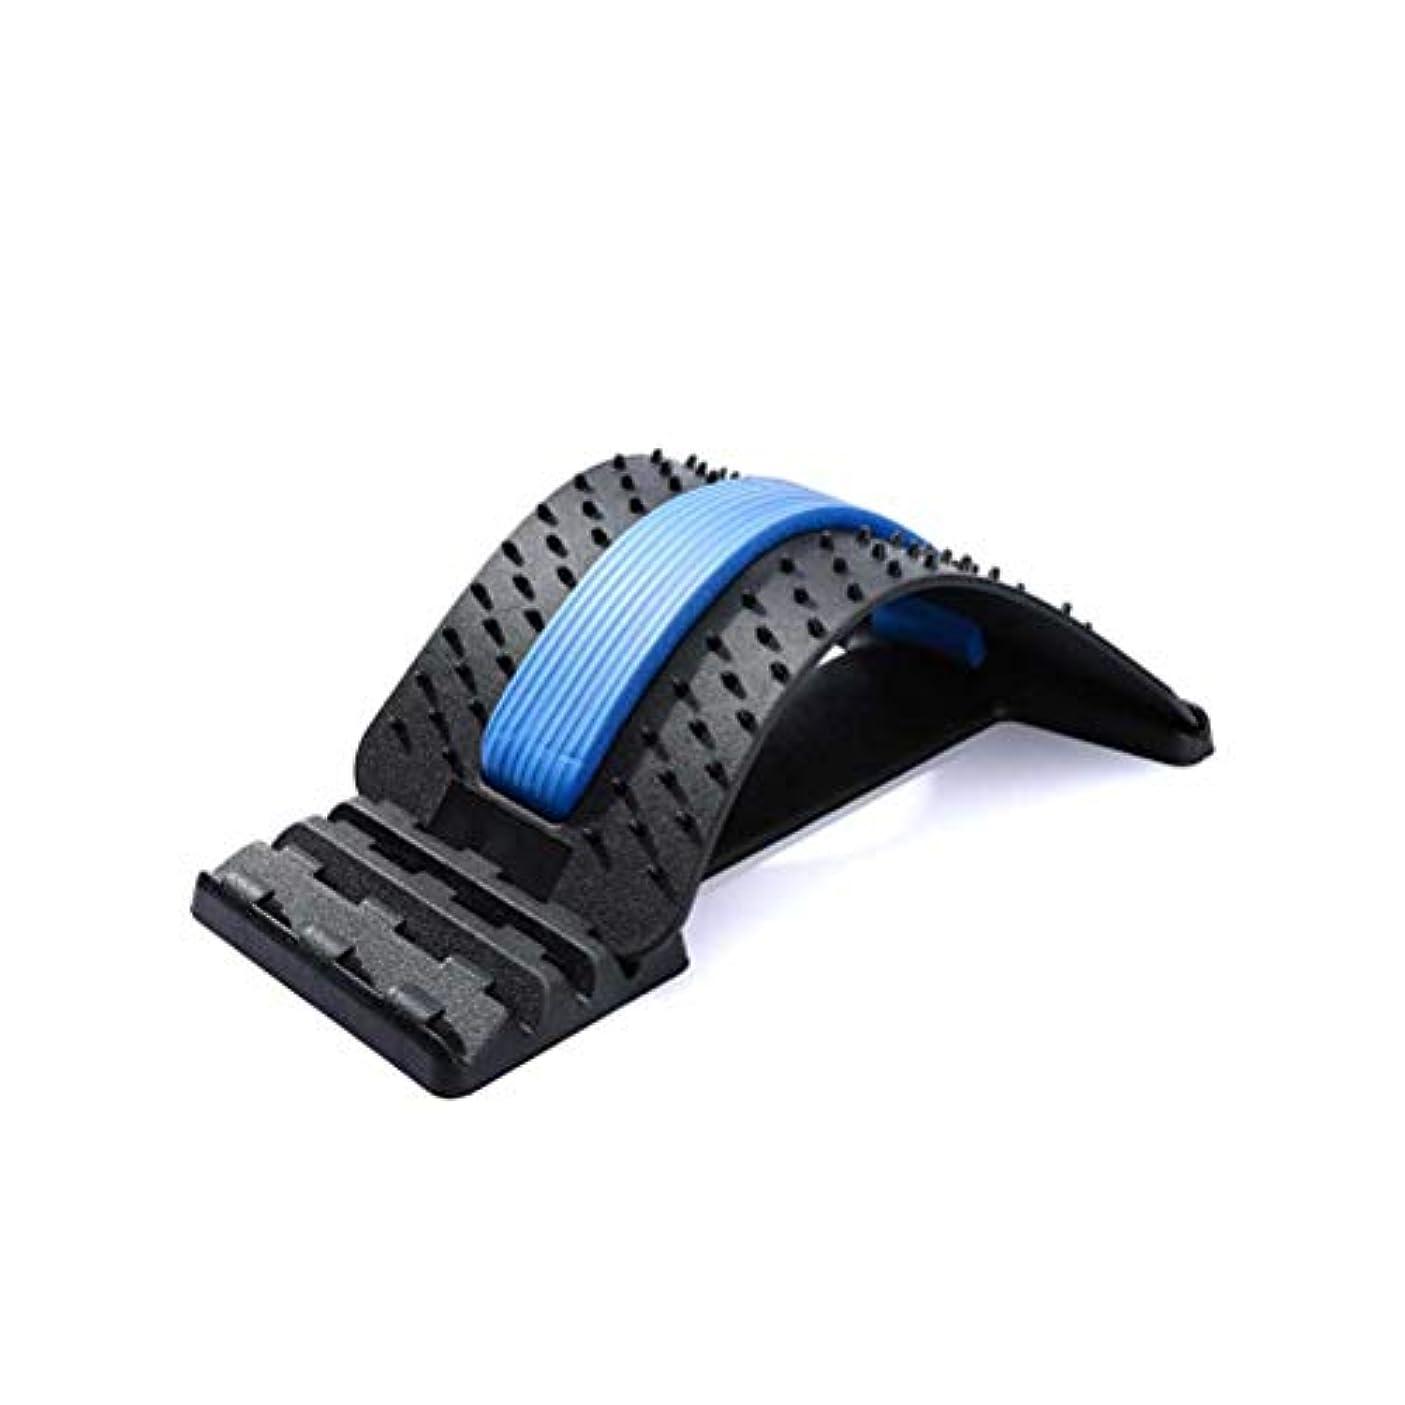 戻る半球子犬SUPVOXバックストレッチングデバイスバックマッサージャーランバーサポートストレッチャー脊椎の背中の痛み筋肉痛の緩和用オフィスチェア(ブラックブルー)